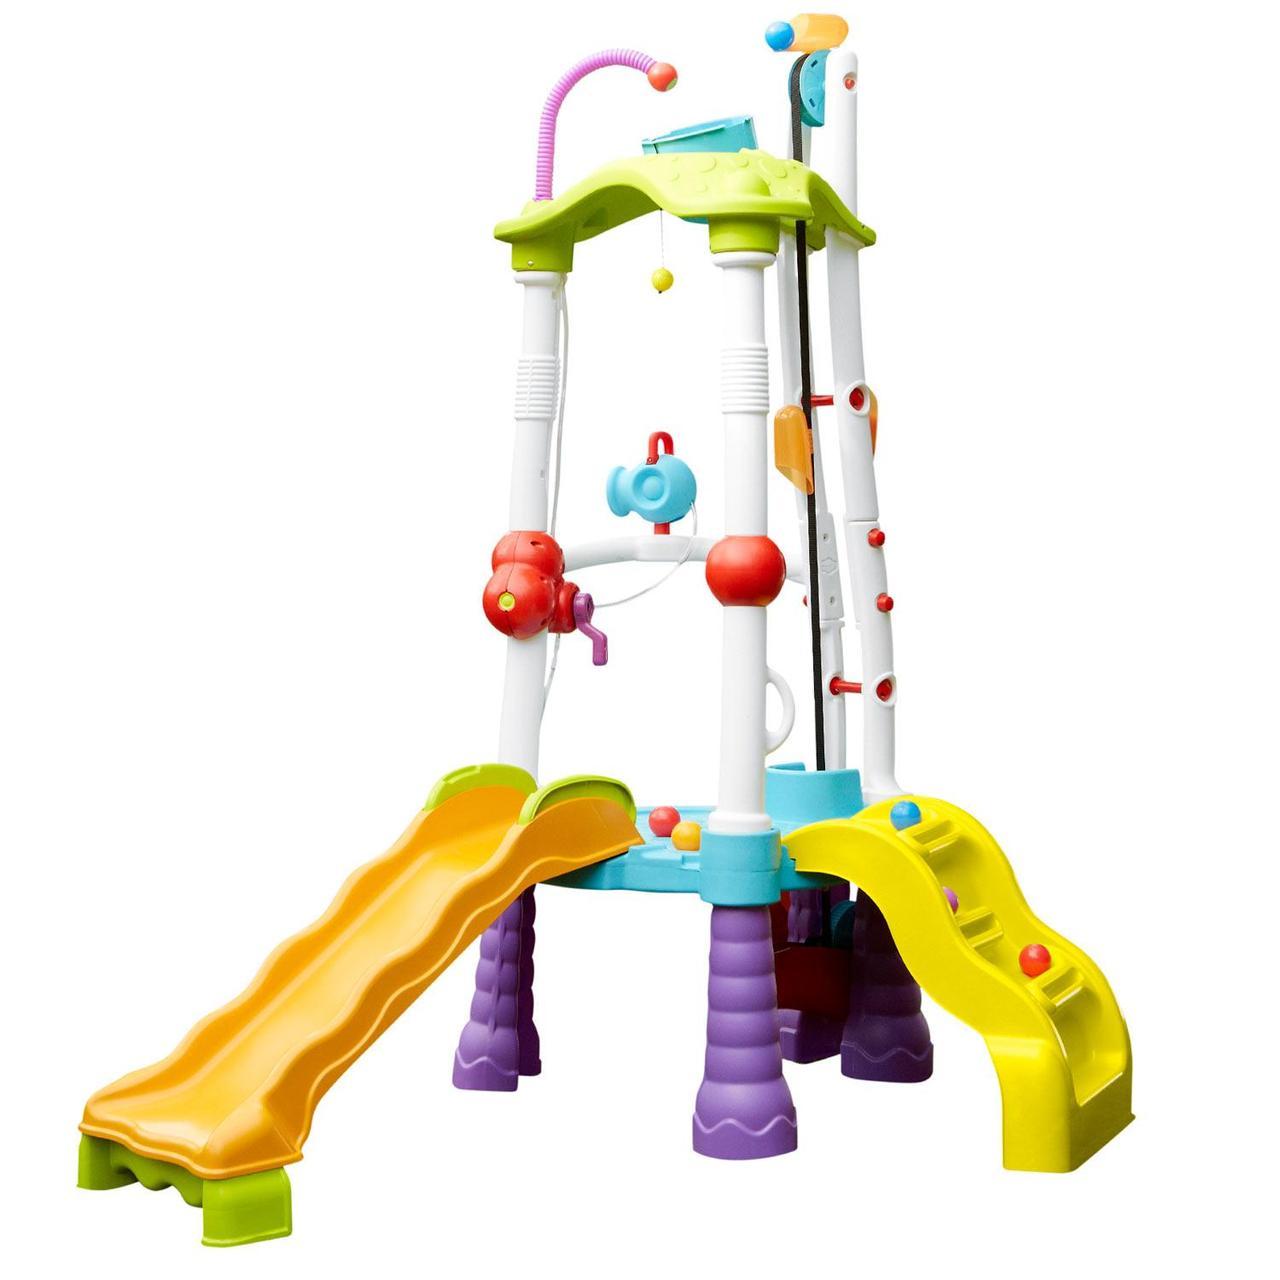 Игровой центр Восхождение на башню с водным каскадом Little Tikes 645792